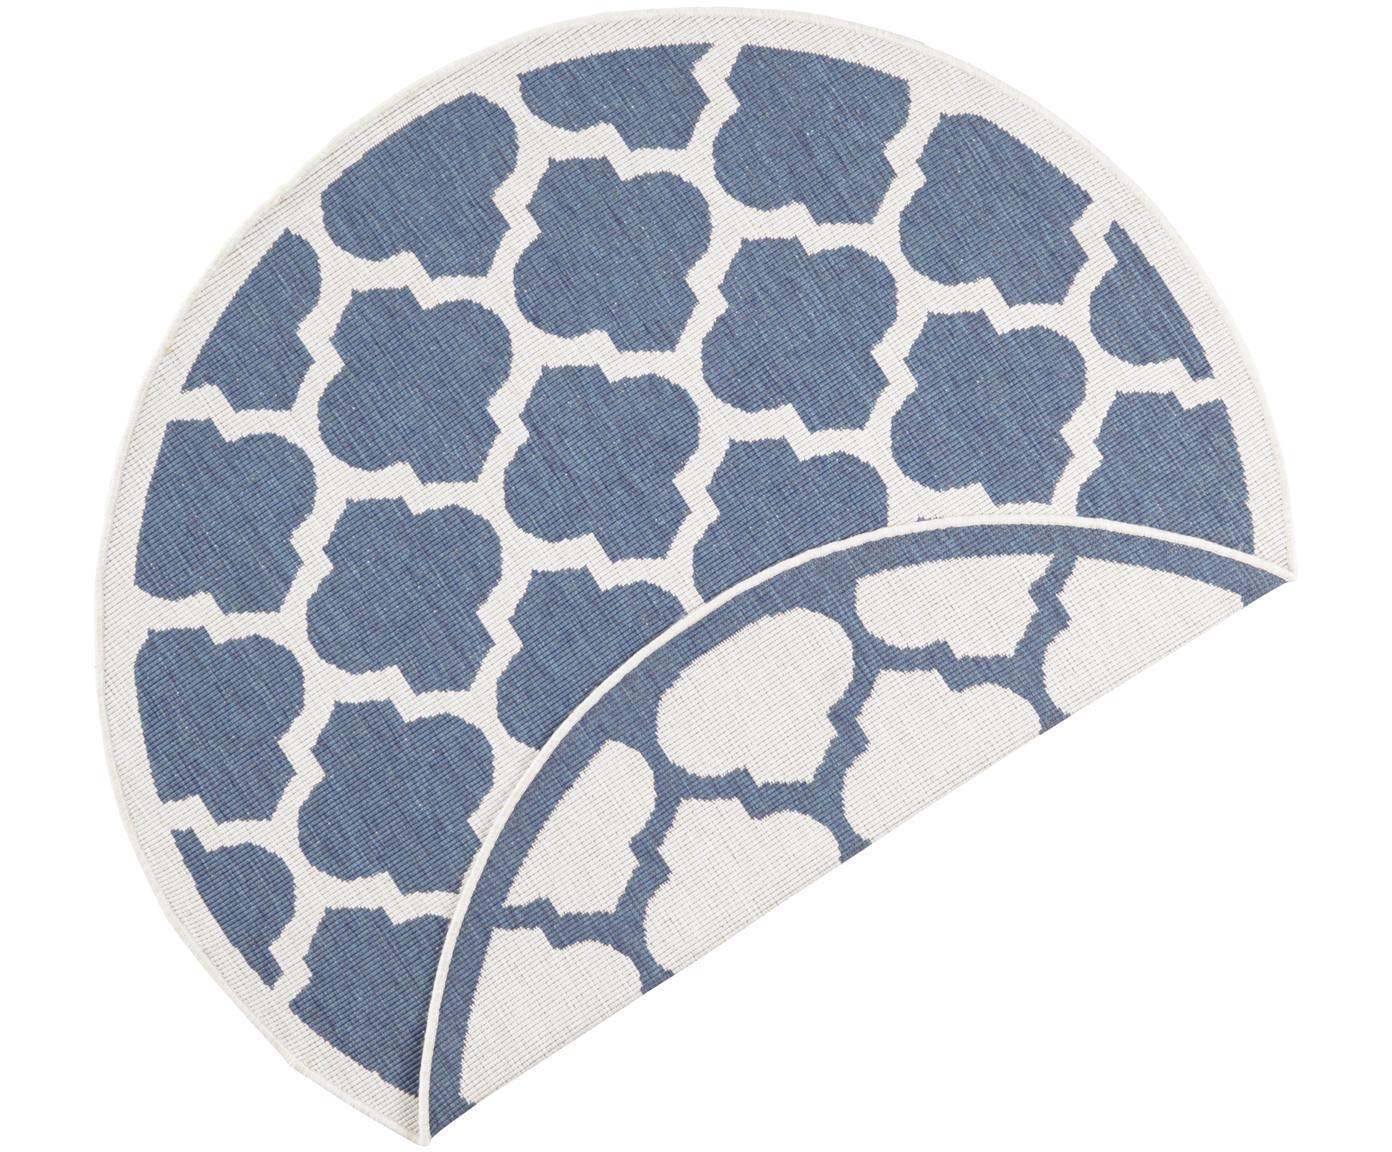 Runder In- & Outdoor-Wendeteppich Palermo in Blau/Creme, Blau, Creme, Ø 140 cm (Größe M)